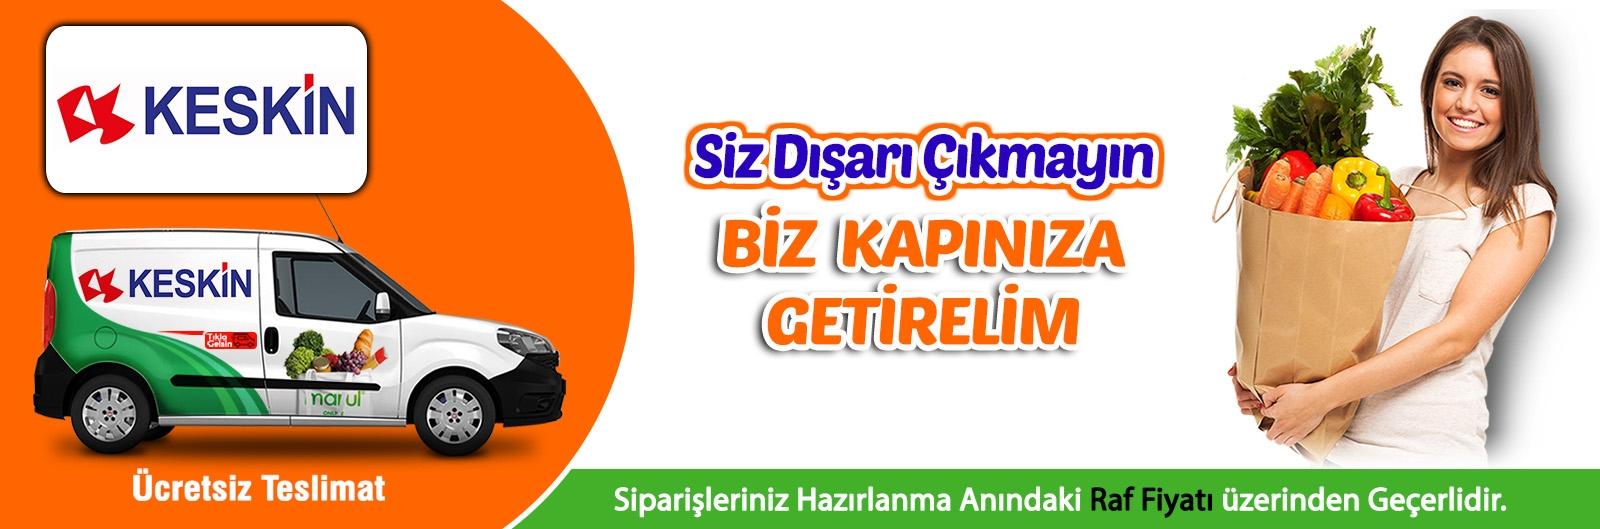 eskişehir keskin market online market siparişi